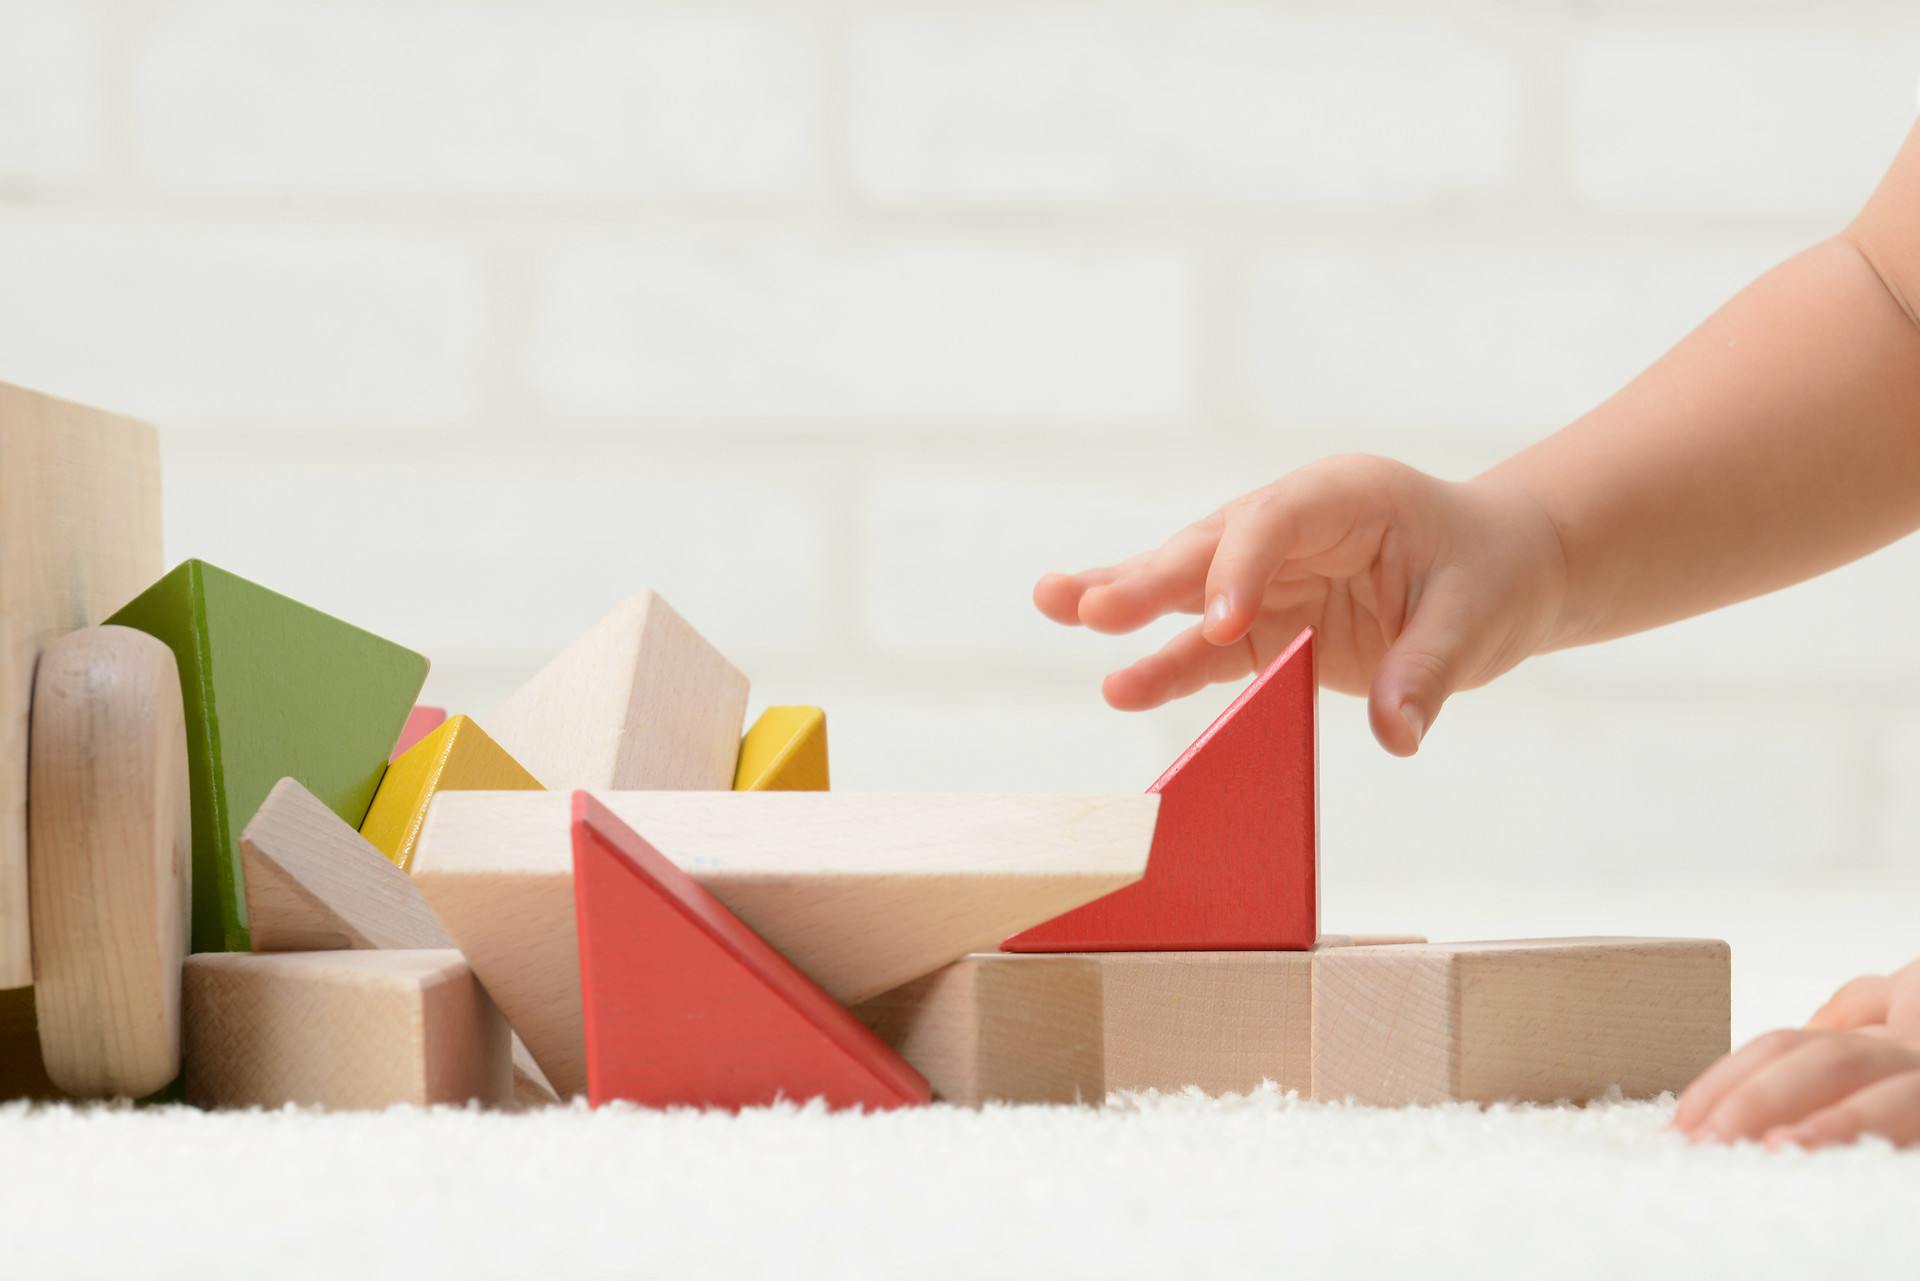 Bebé que juega con bloques de construcci